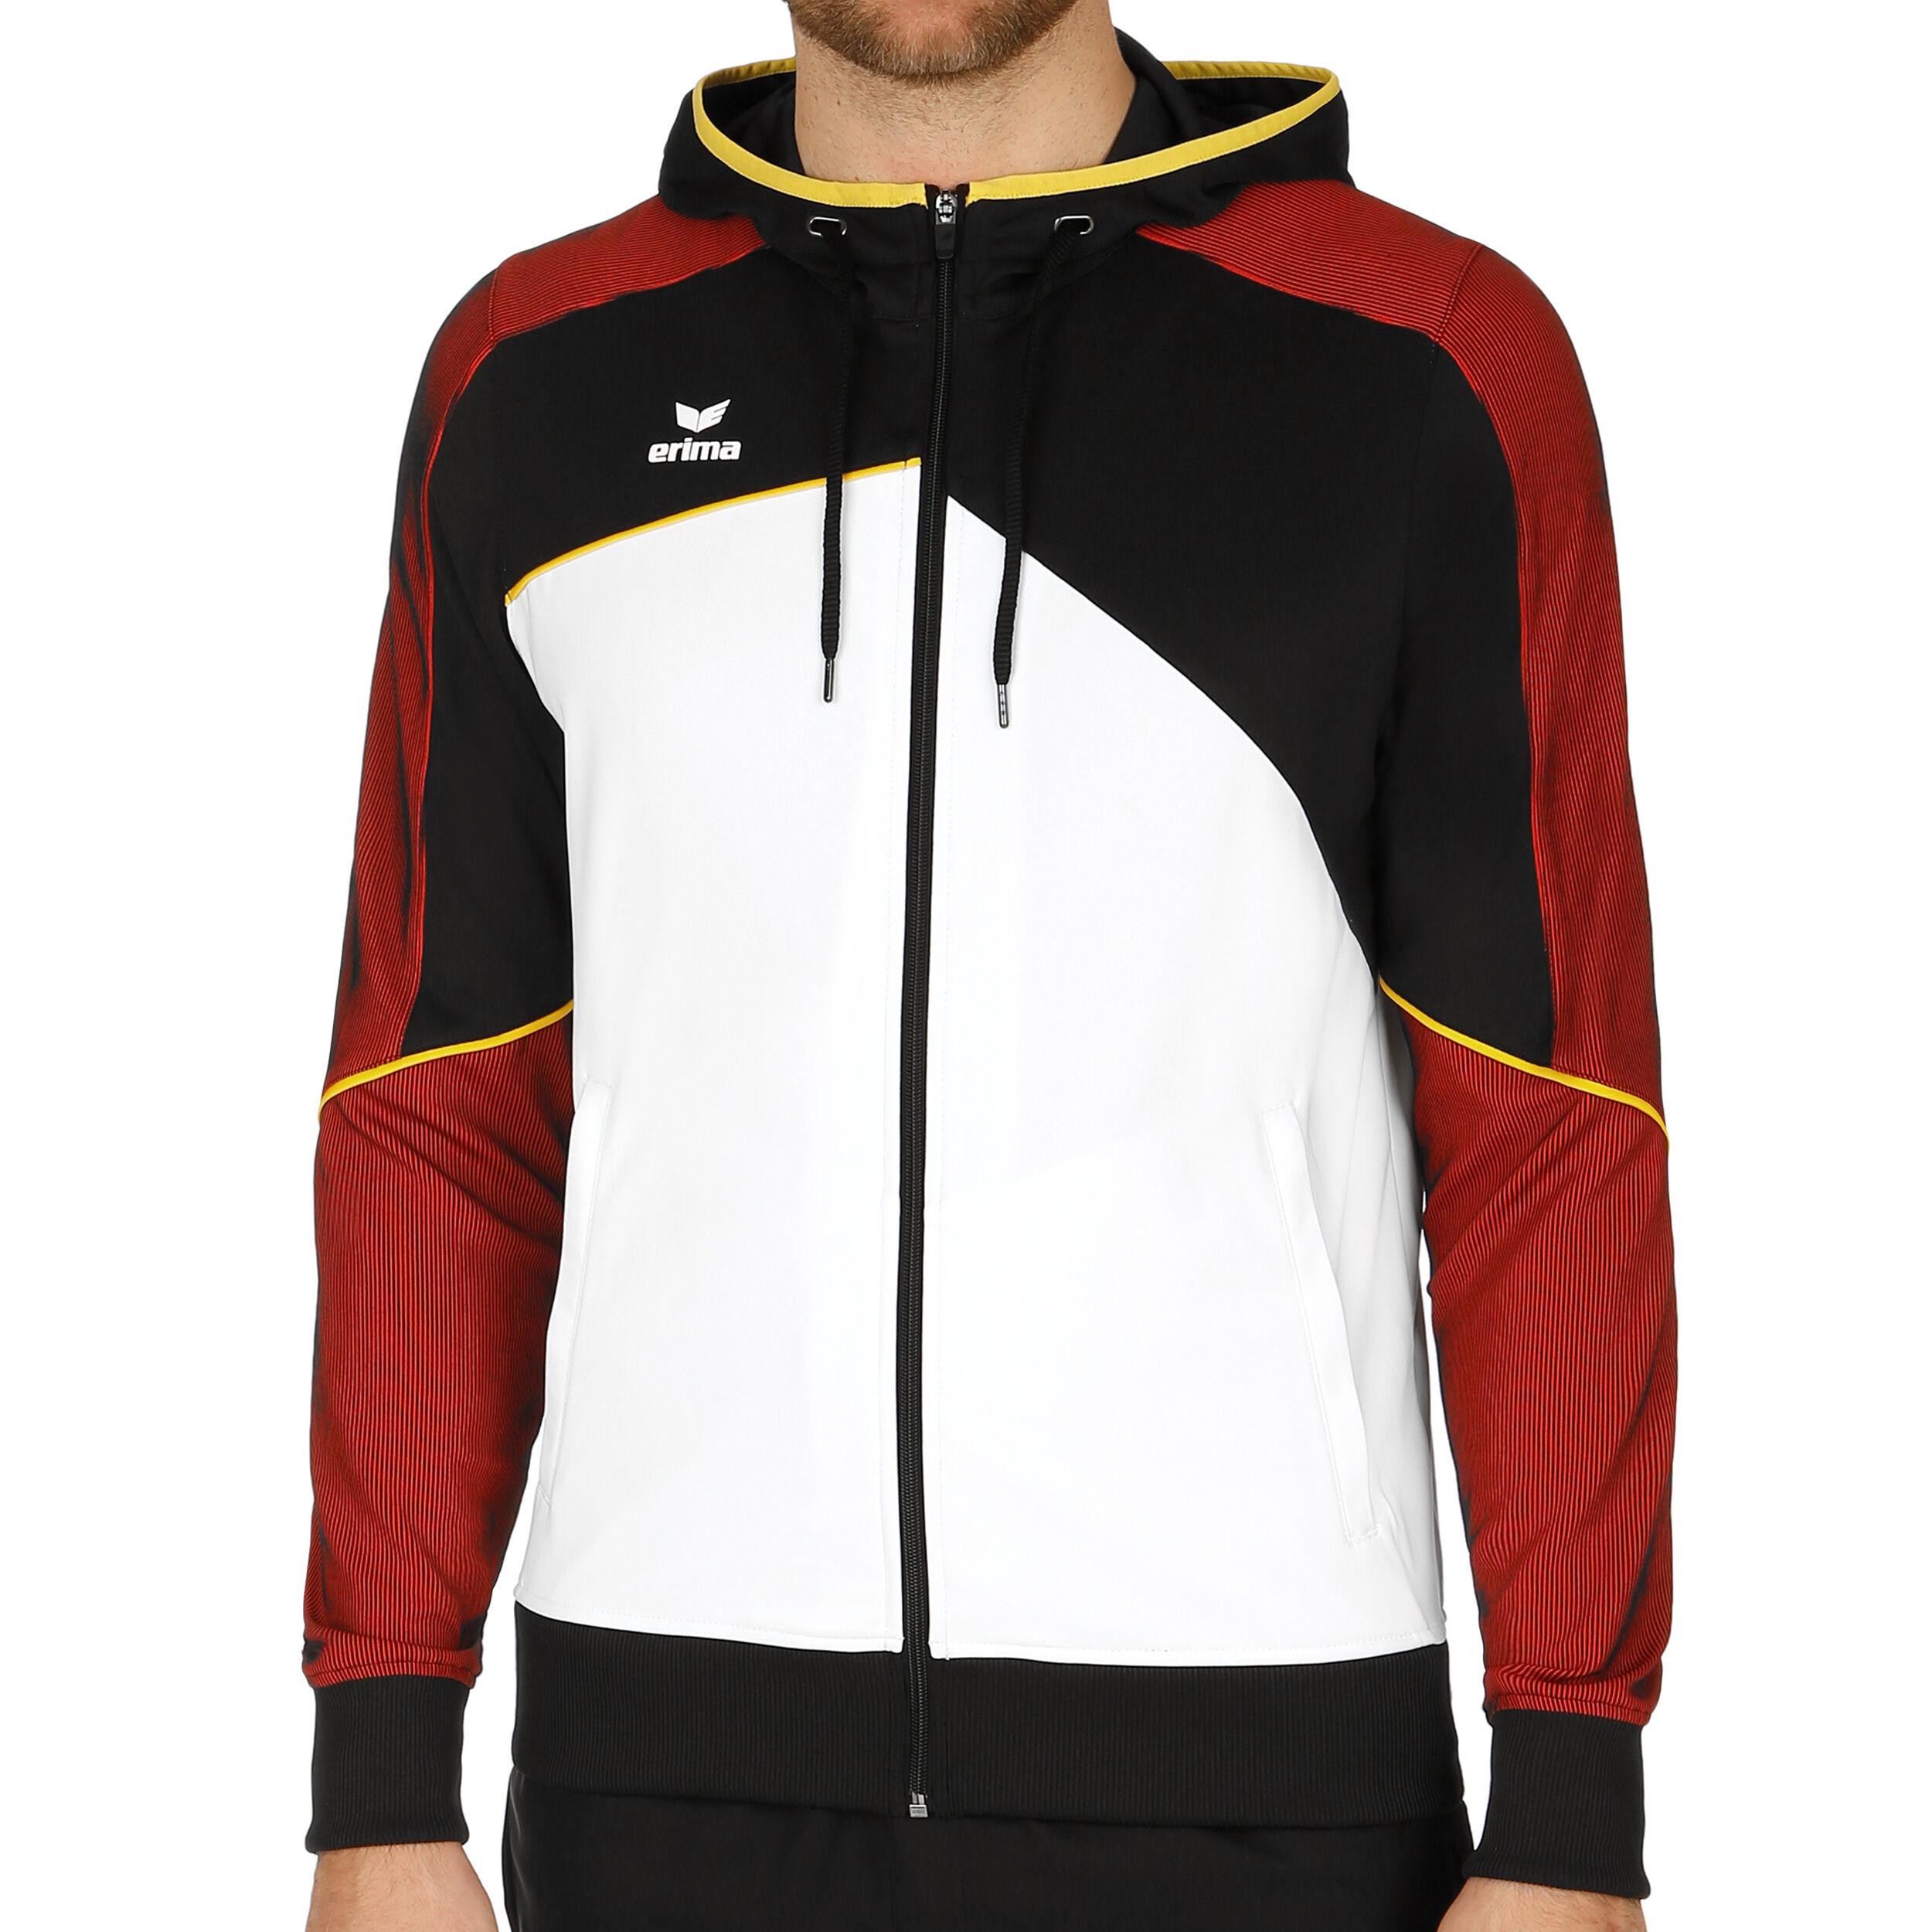 Erima Premium One 2.0 Trainingsjacke Herren Weiß, Schwarz